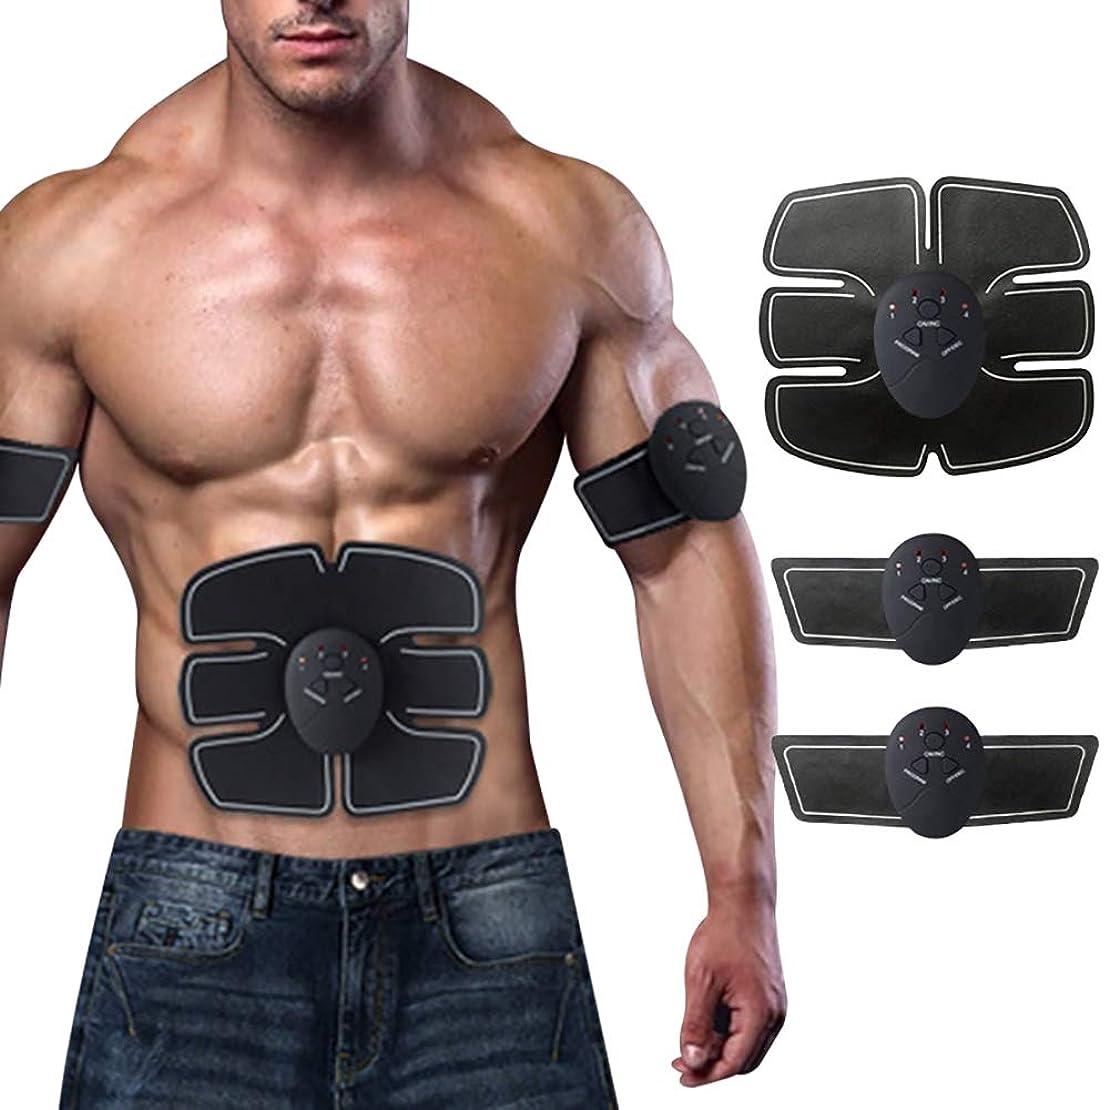 平均動揺させるウォーターフロントスマートフィットネス腹部器具、EMSテクノロジー腹部および腕筋刺激トレーナー筋肉運動怠Exerciseな家族フィットネス機器,A,Charging